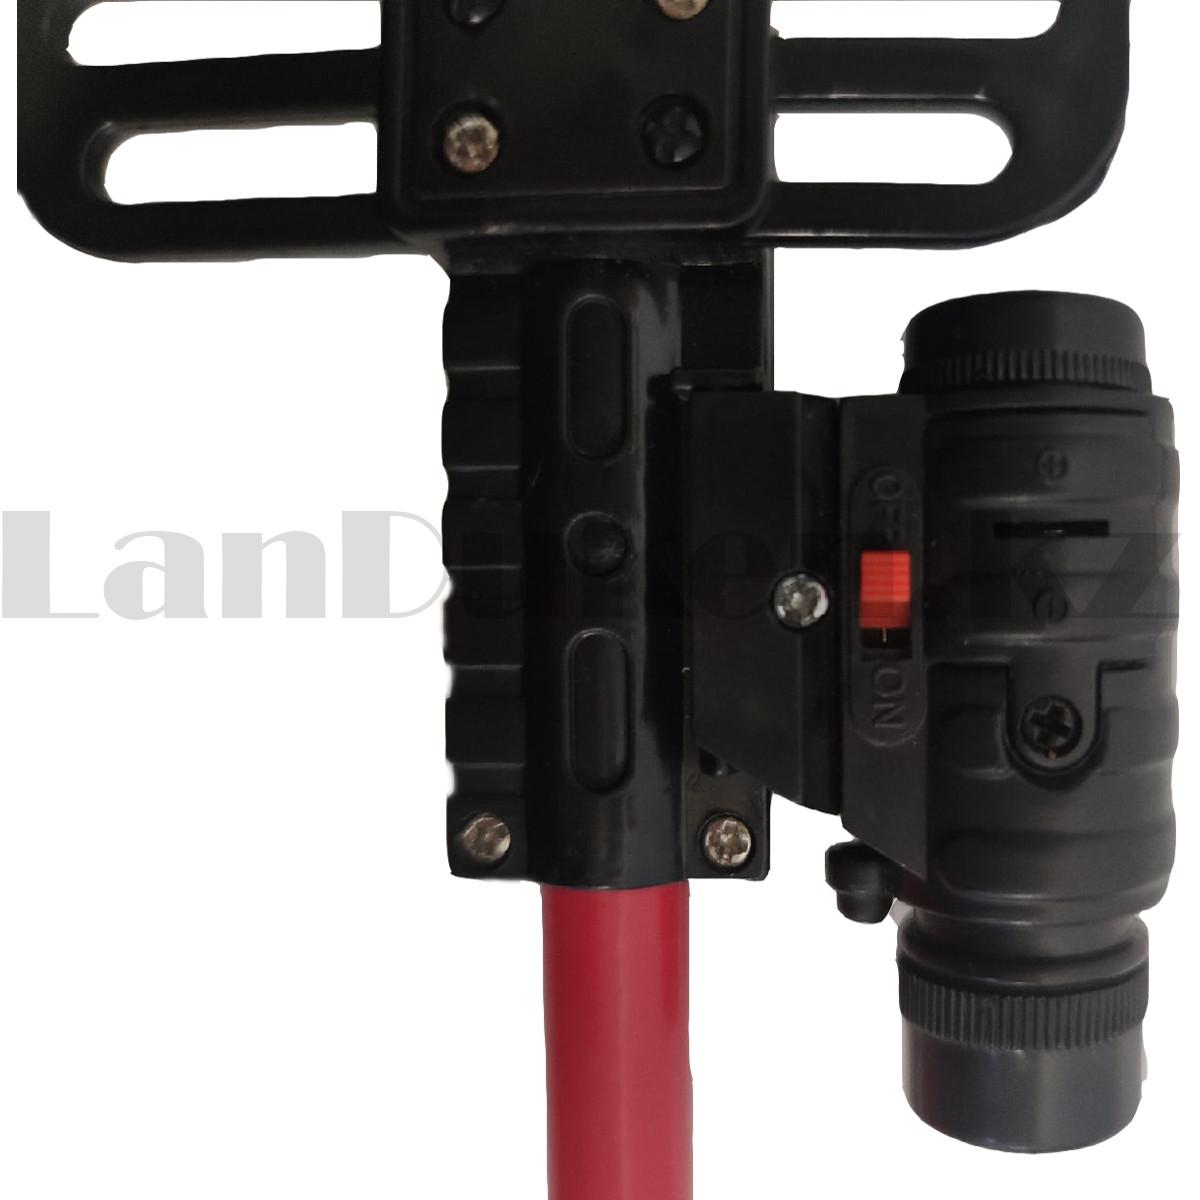 """Игрушечный набор лук и стрелы с лазерным прицелом """"Kingsport"""" 35881А высота 94 см - фото 8"""